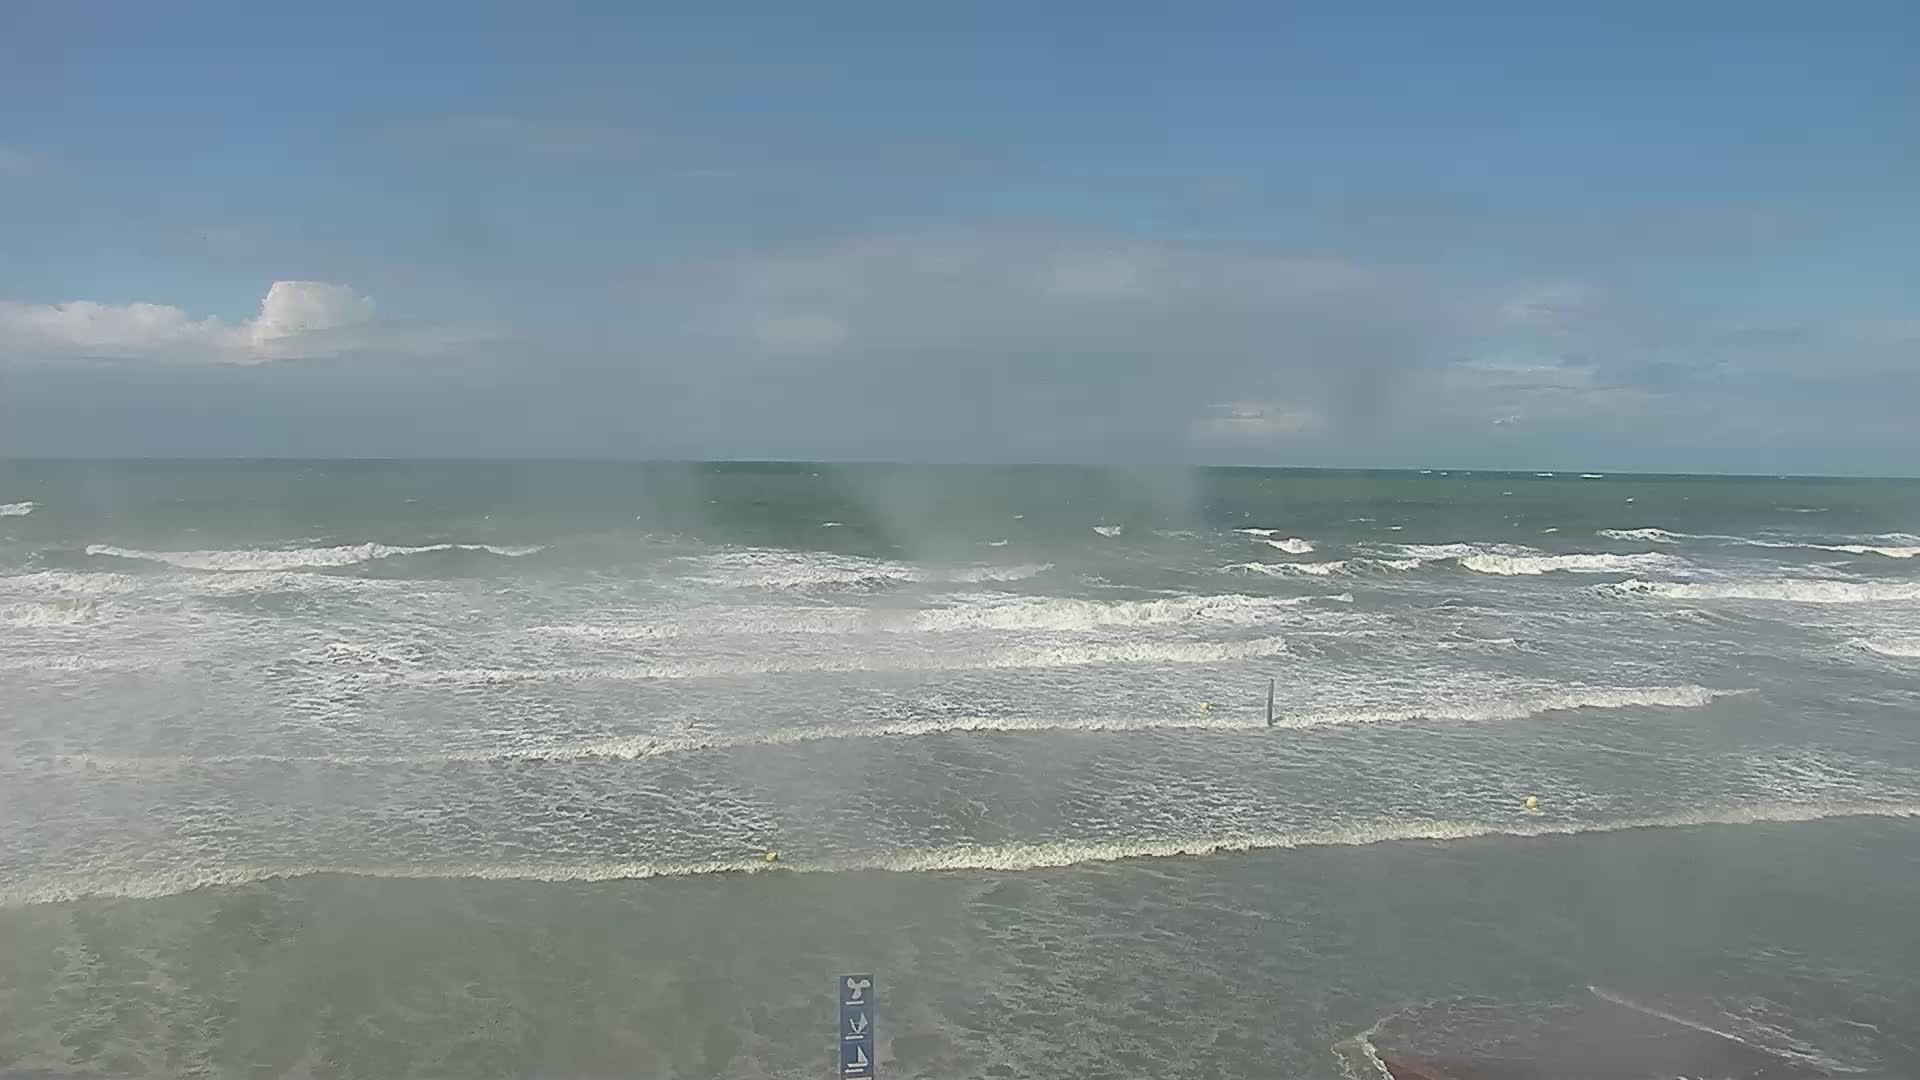 Dunkirk Sun. 16:26